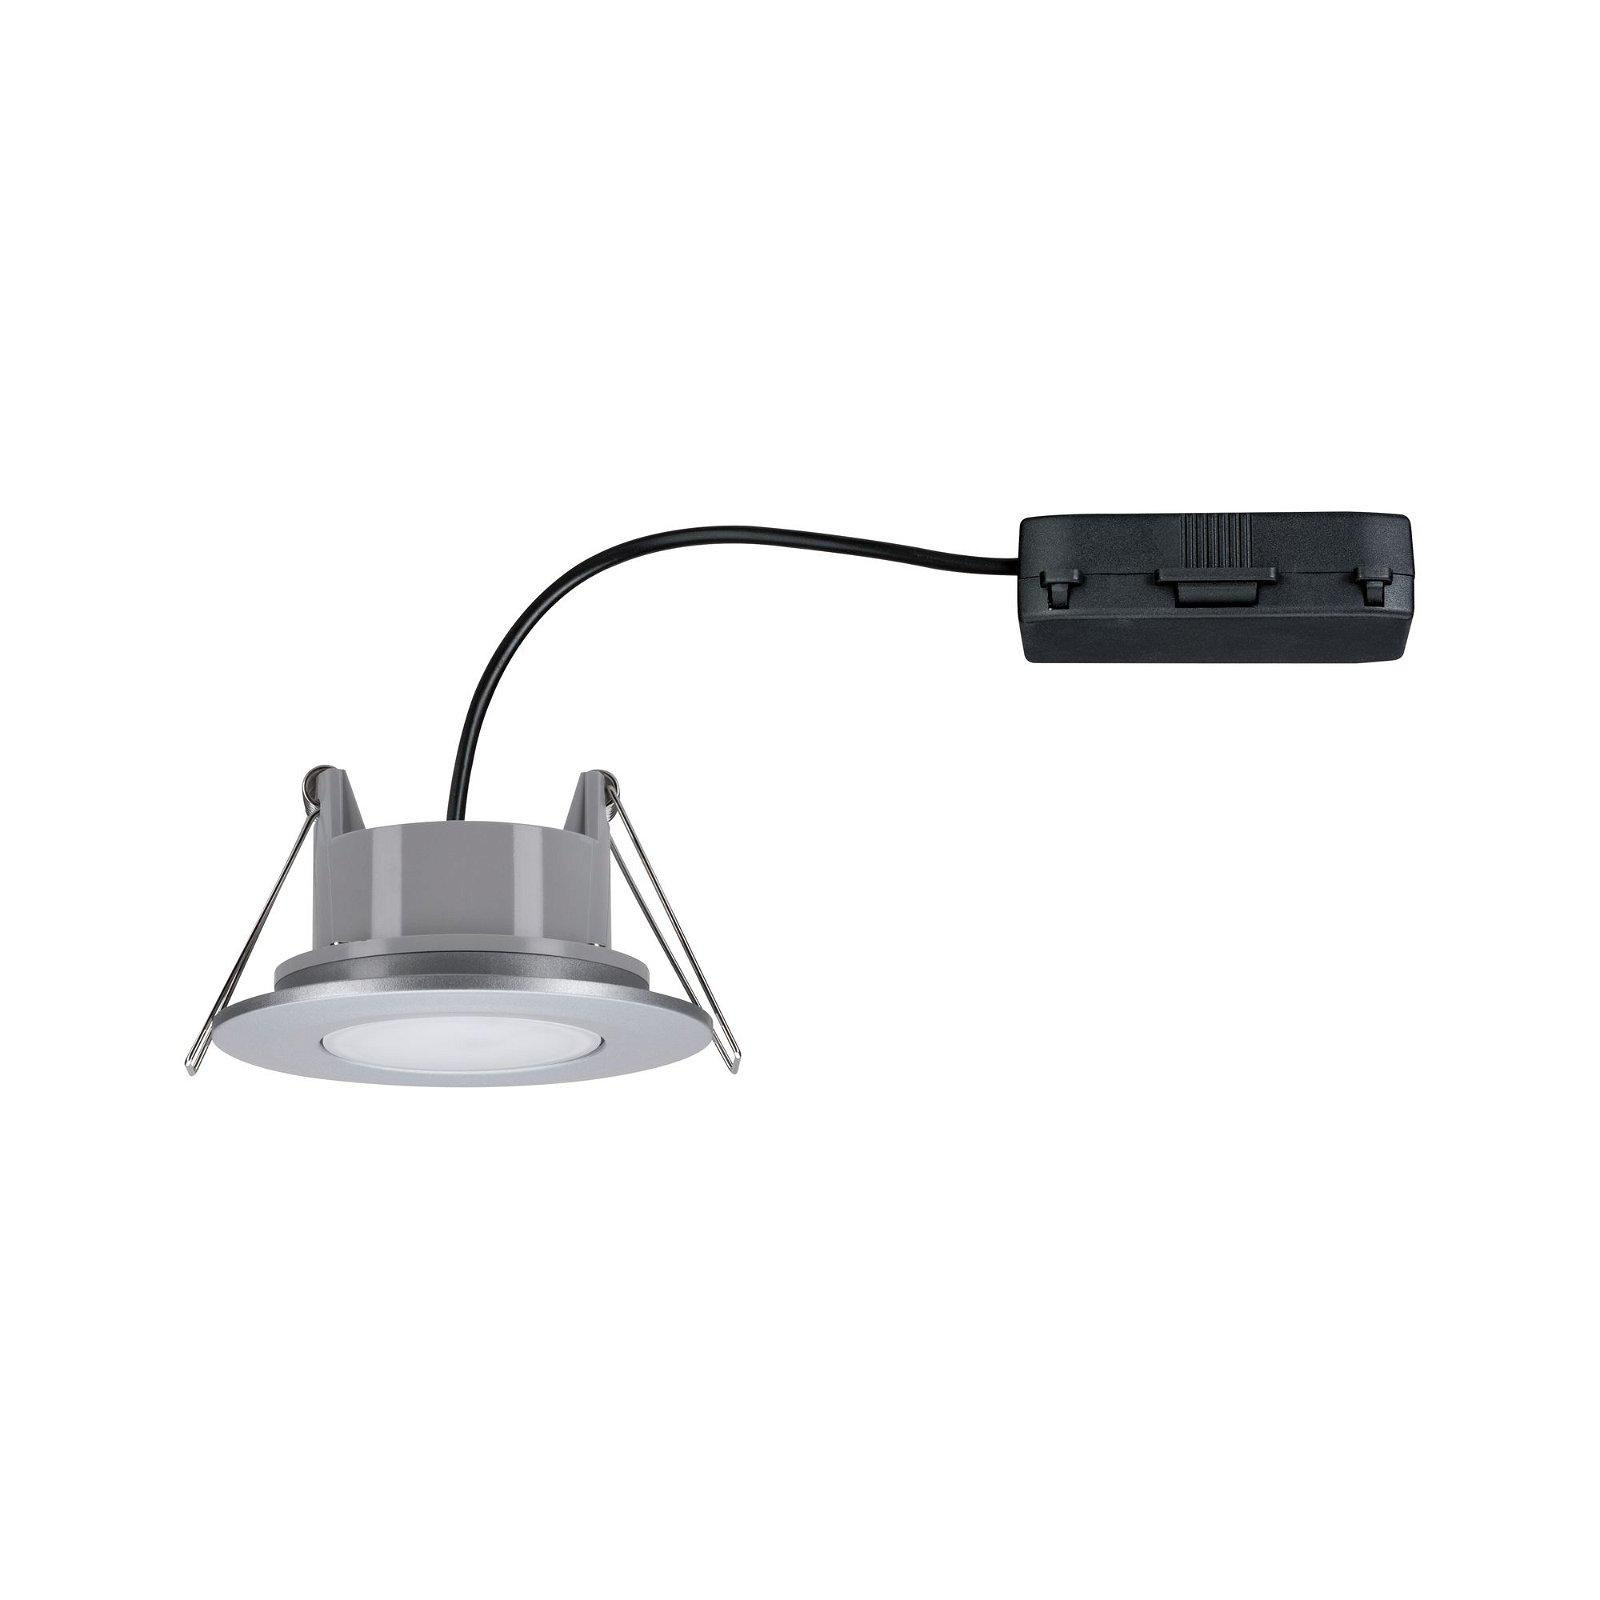 LED Einbauleuchte Calla schwenkbar IP65 rund 90mm 30° 6,5W 560lm 230V 4000K Chrom matt